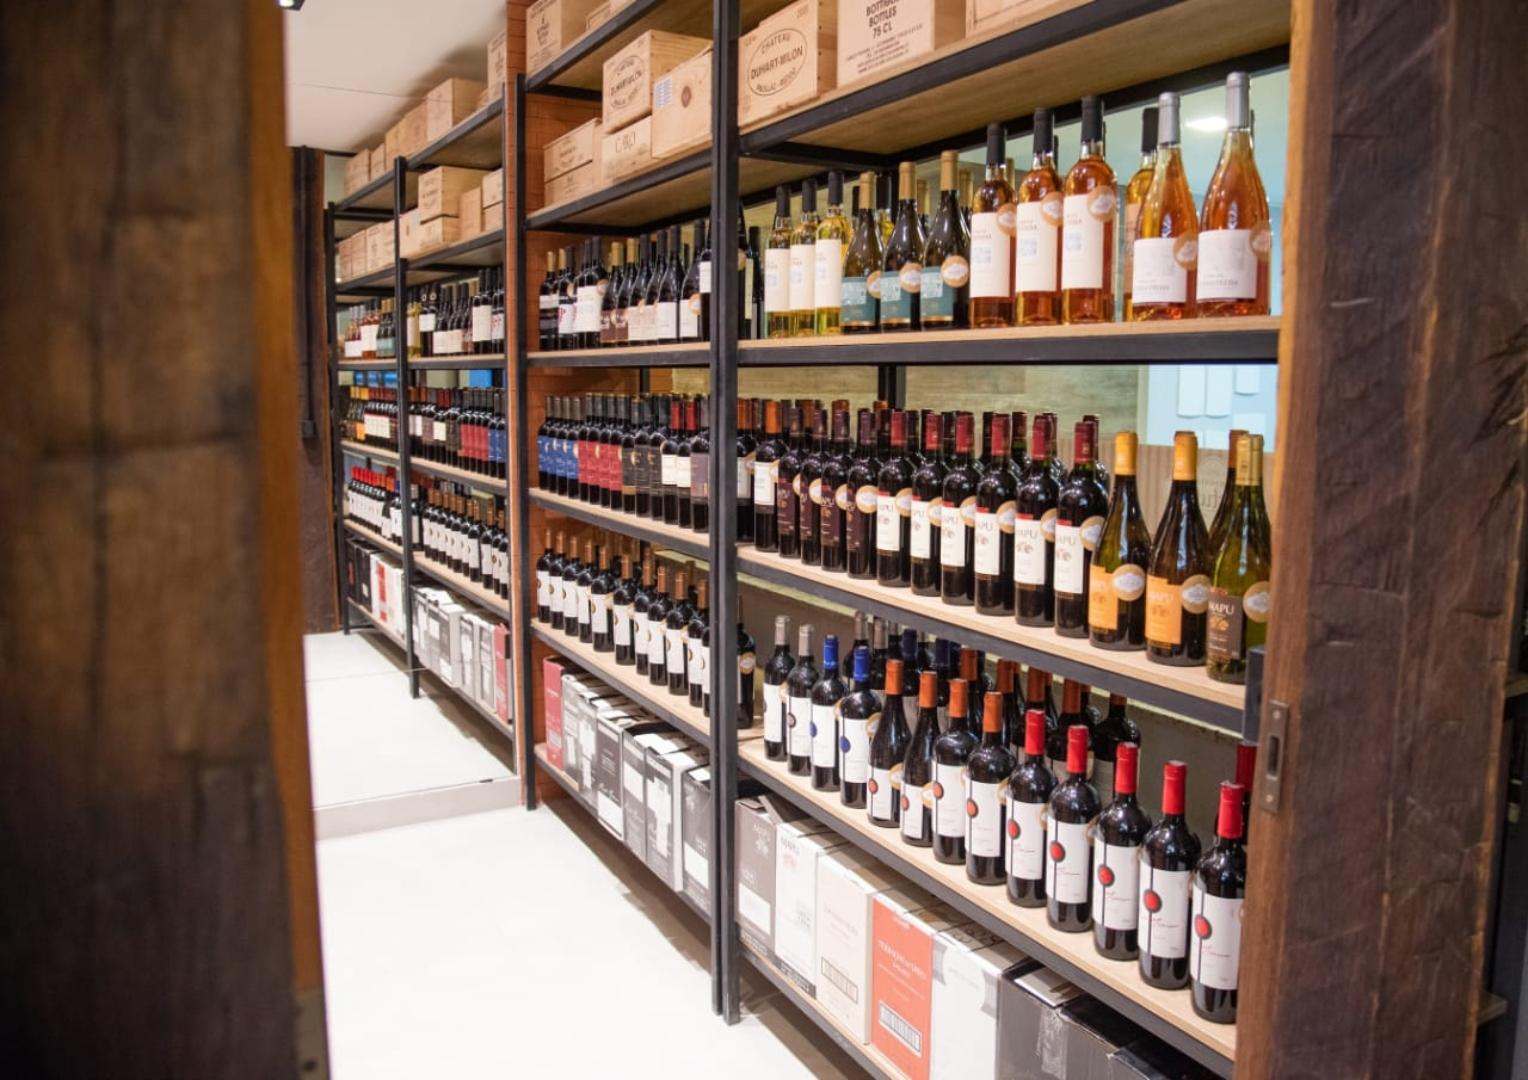 نبيذ للبيع في إمبوريو بيستوت في بيدرا أزول